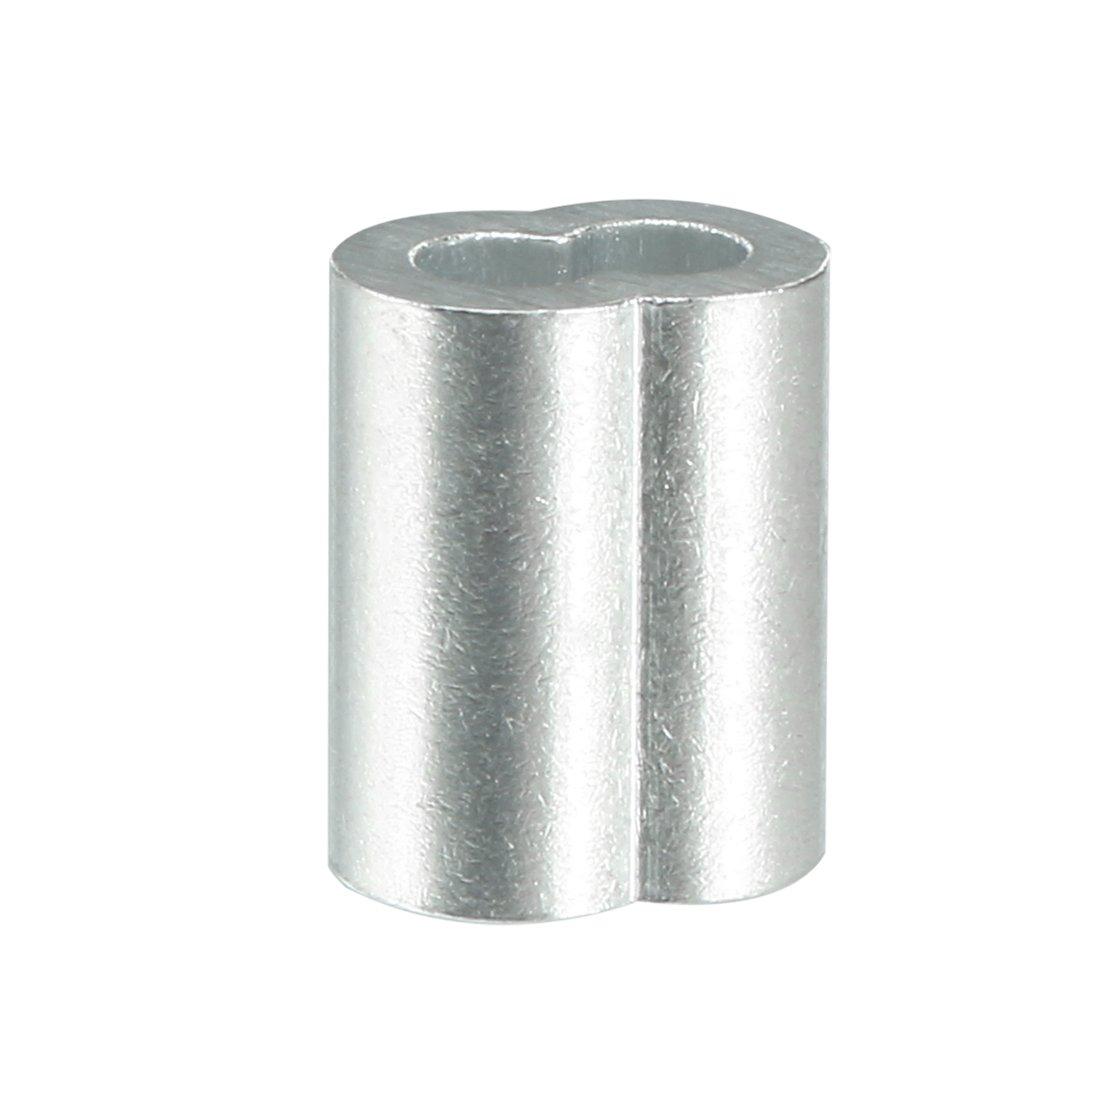 SOURCING MAP sourcingmap/® C/âble 1.2mm c/âble m/étallique Manchons /à sertir en aluminium clip boucle 100pcs